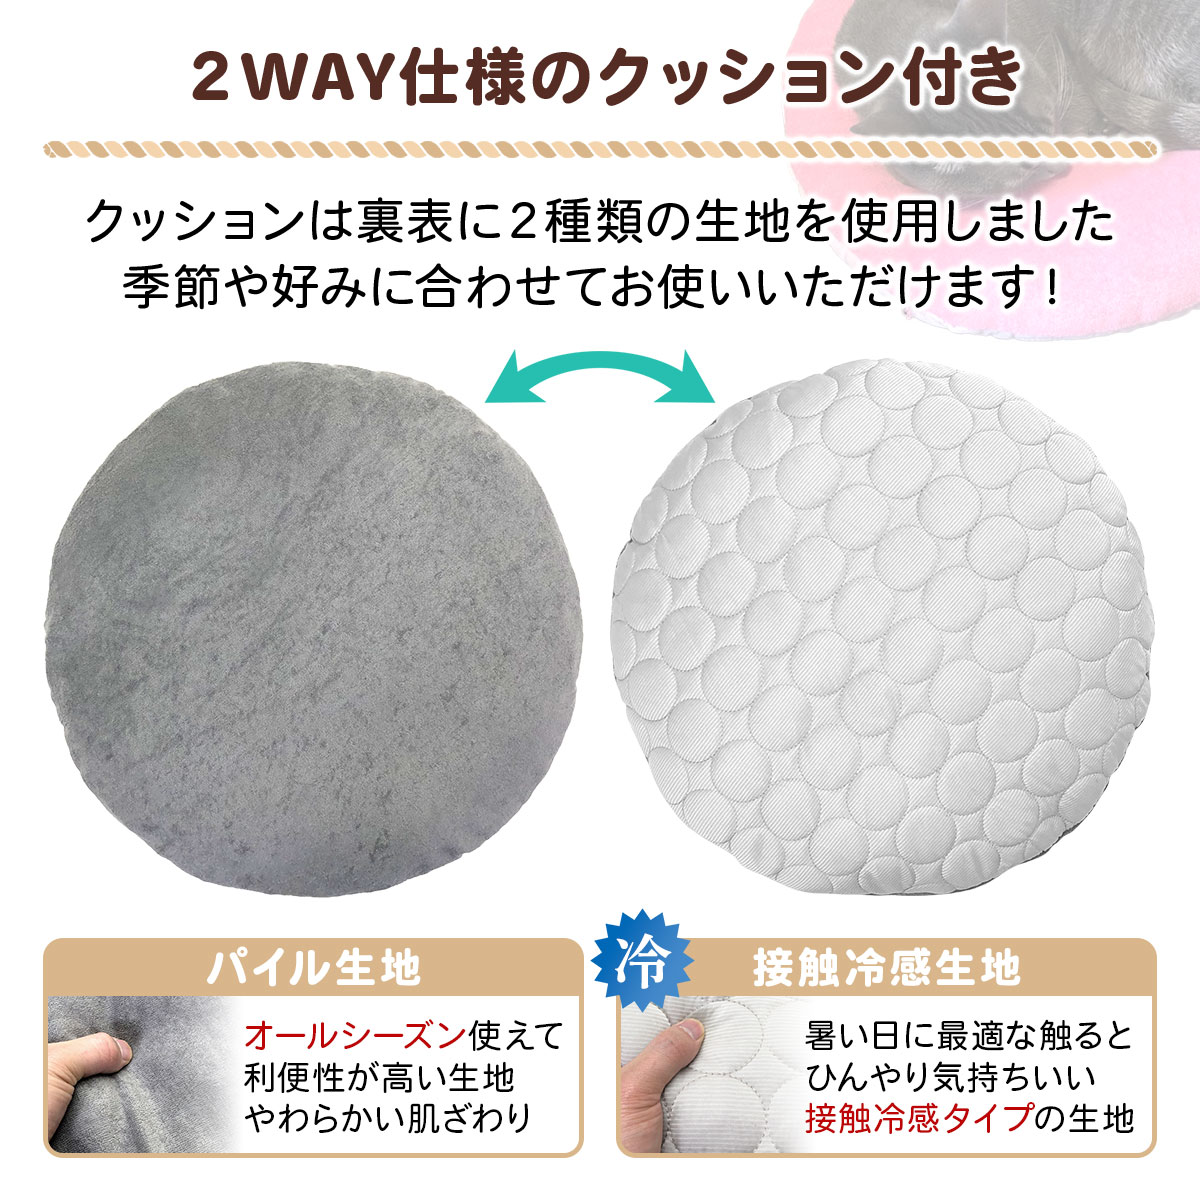 ちぐら型 ペット ベッド ひんやり 冷感 ボア生地 マット 犬 猫 全季節対応 Sサイズ